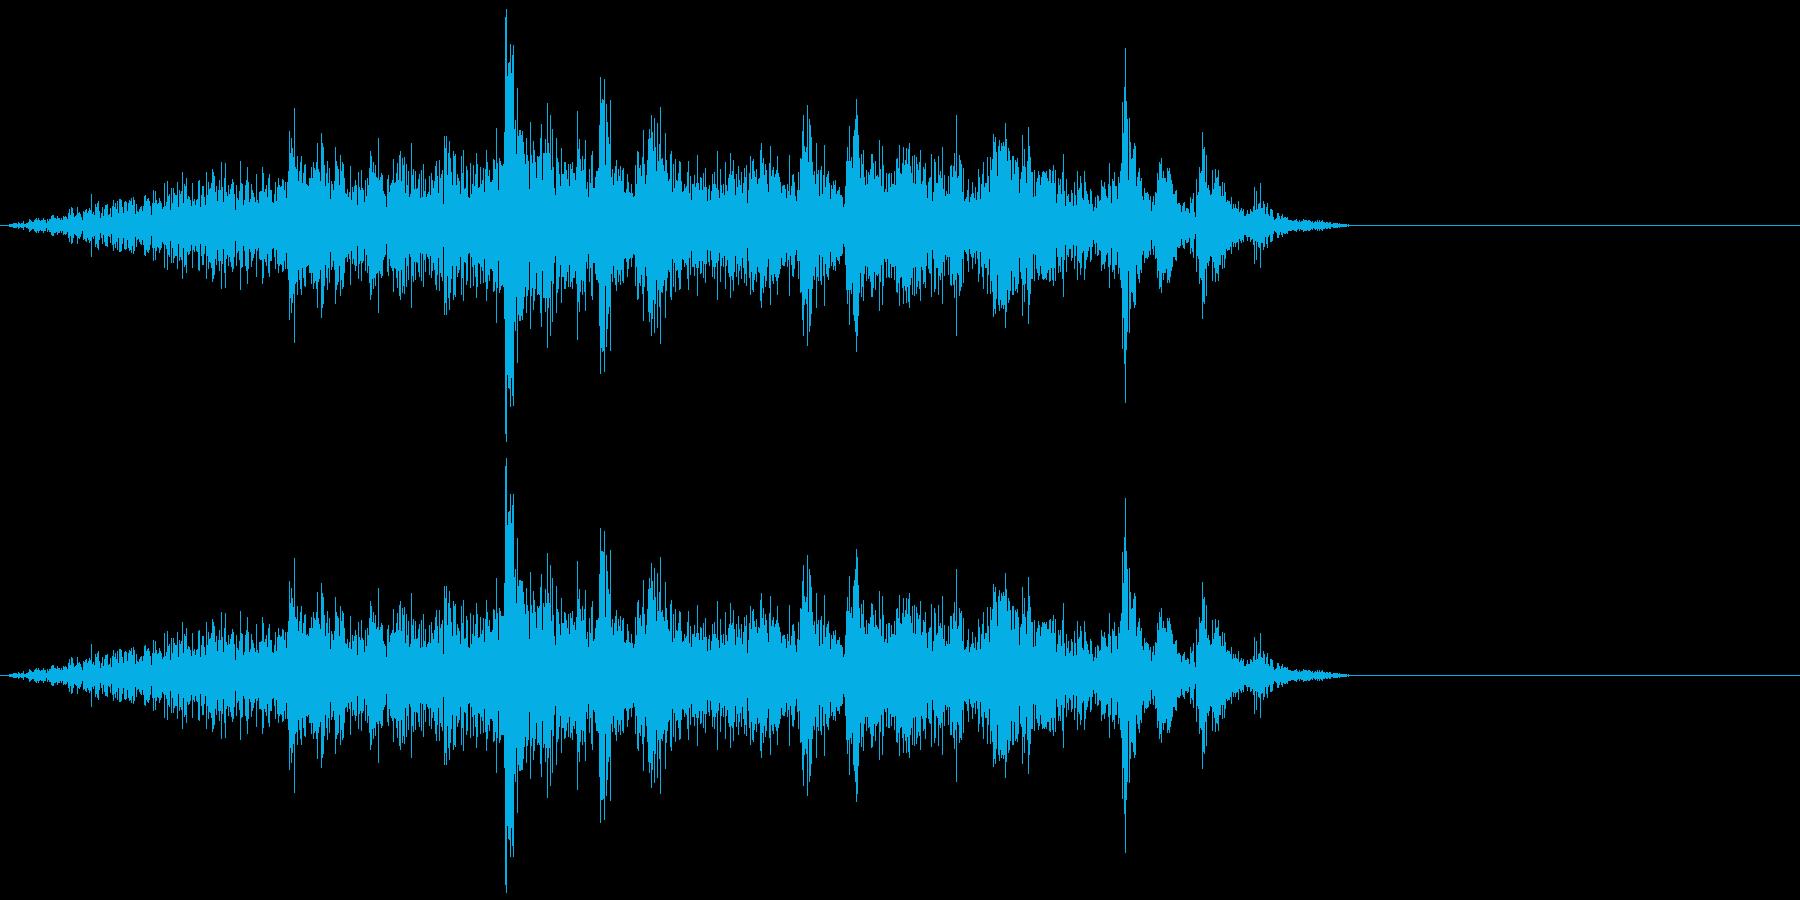 ガヤガヤ、ガチャガチャ 雑多音の再生済みの波形